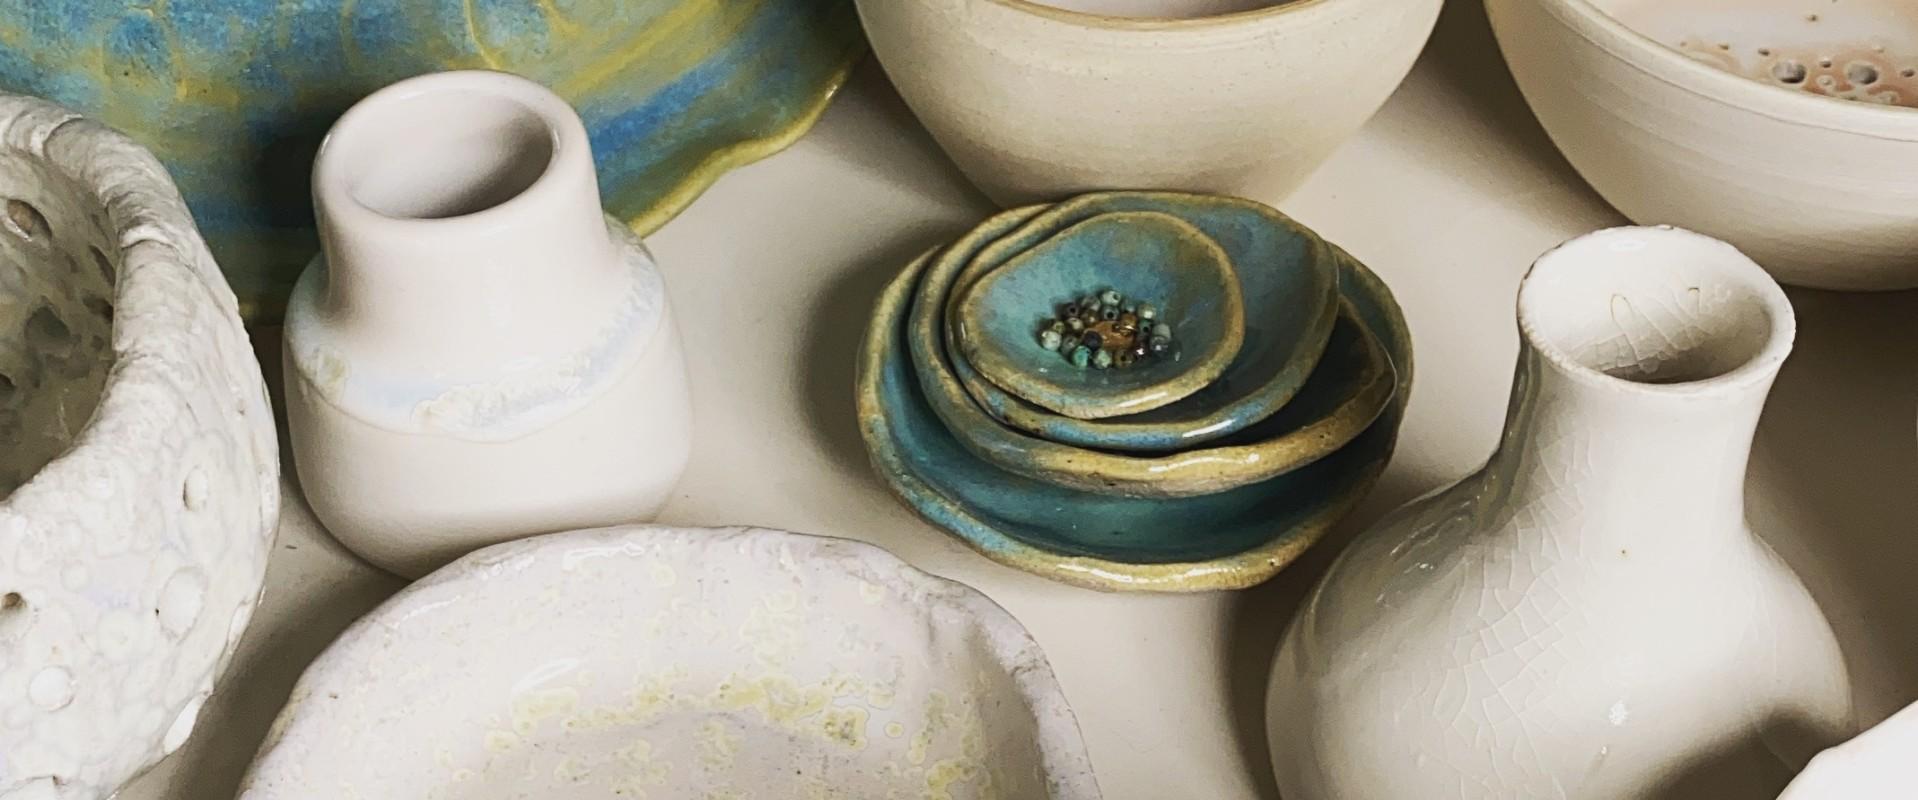 Wat is het verschil tussen steengoed en aardewerk?